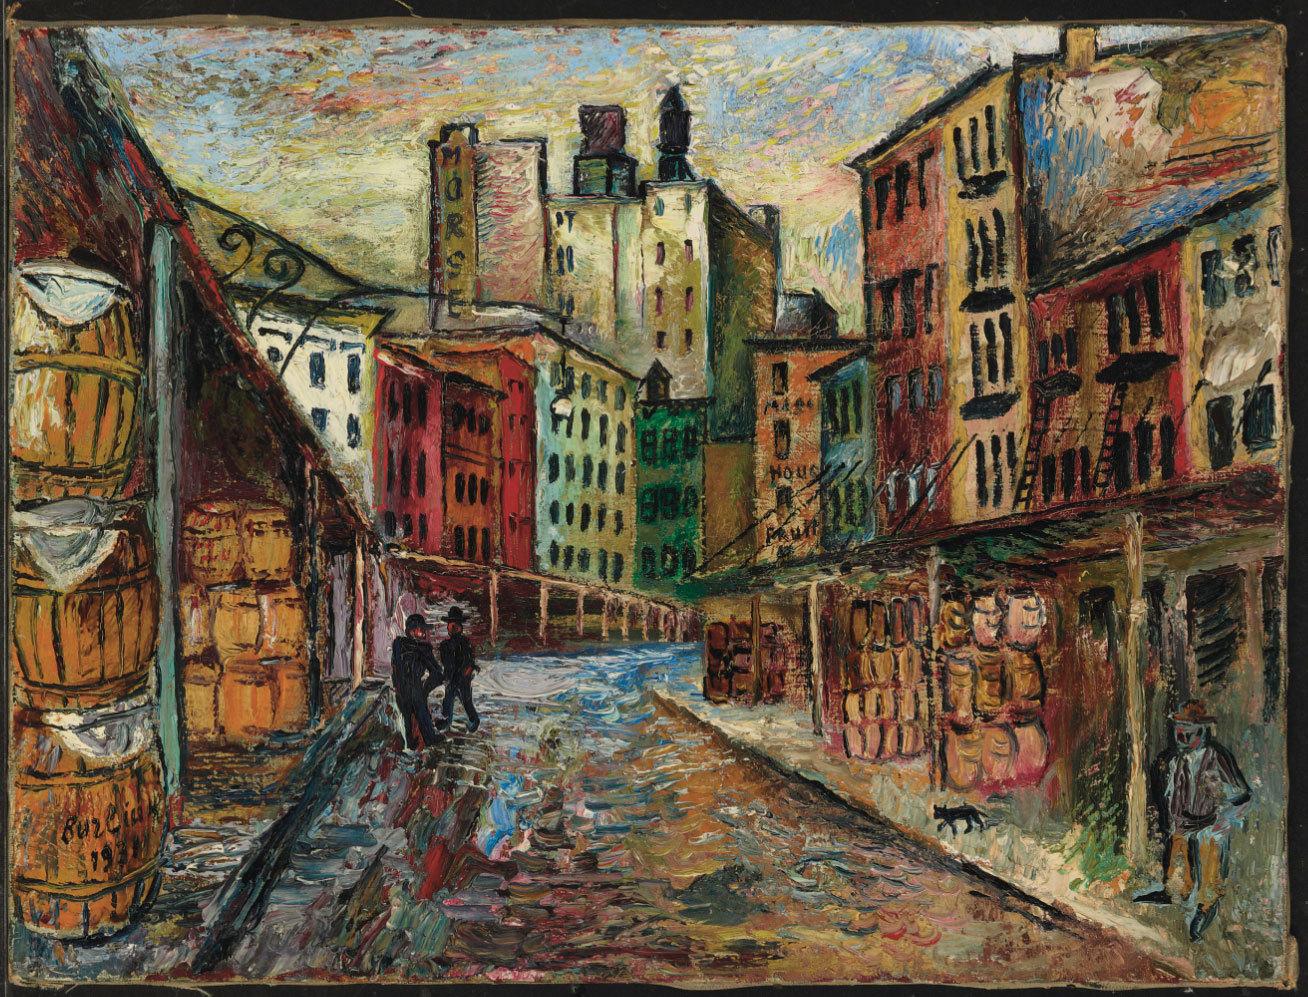 Русские торги Кристис: Давид Бурлюк. «Вашингтонский рынок. Трибека», 1931 год. Эстимейт: $40,000-60,000